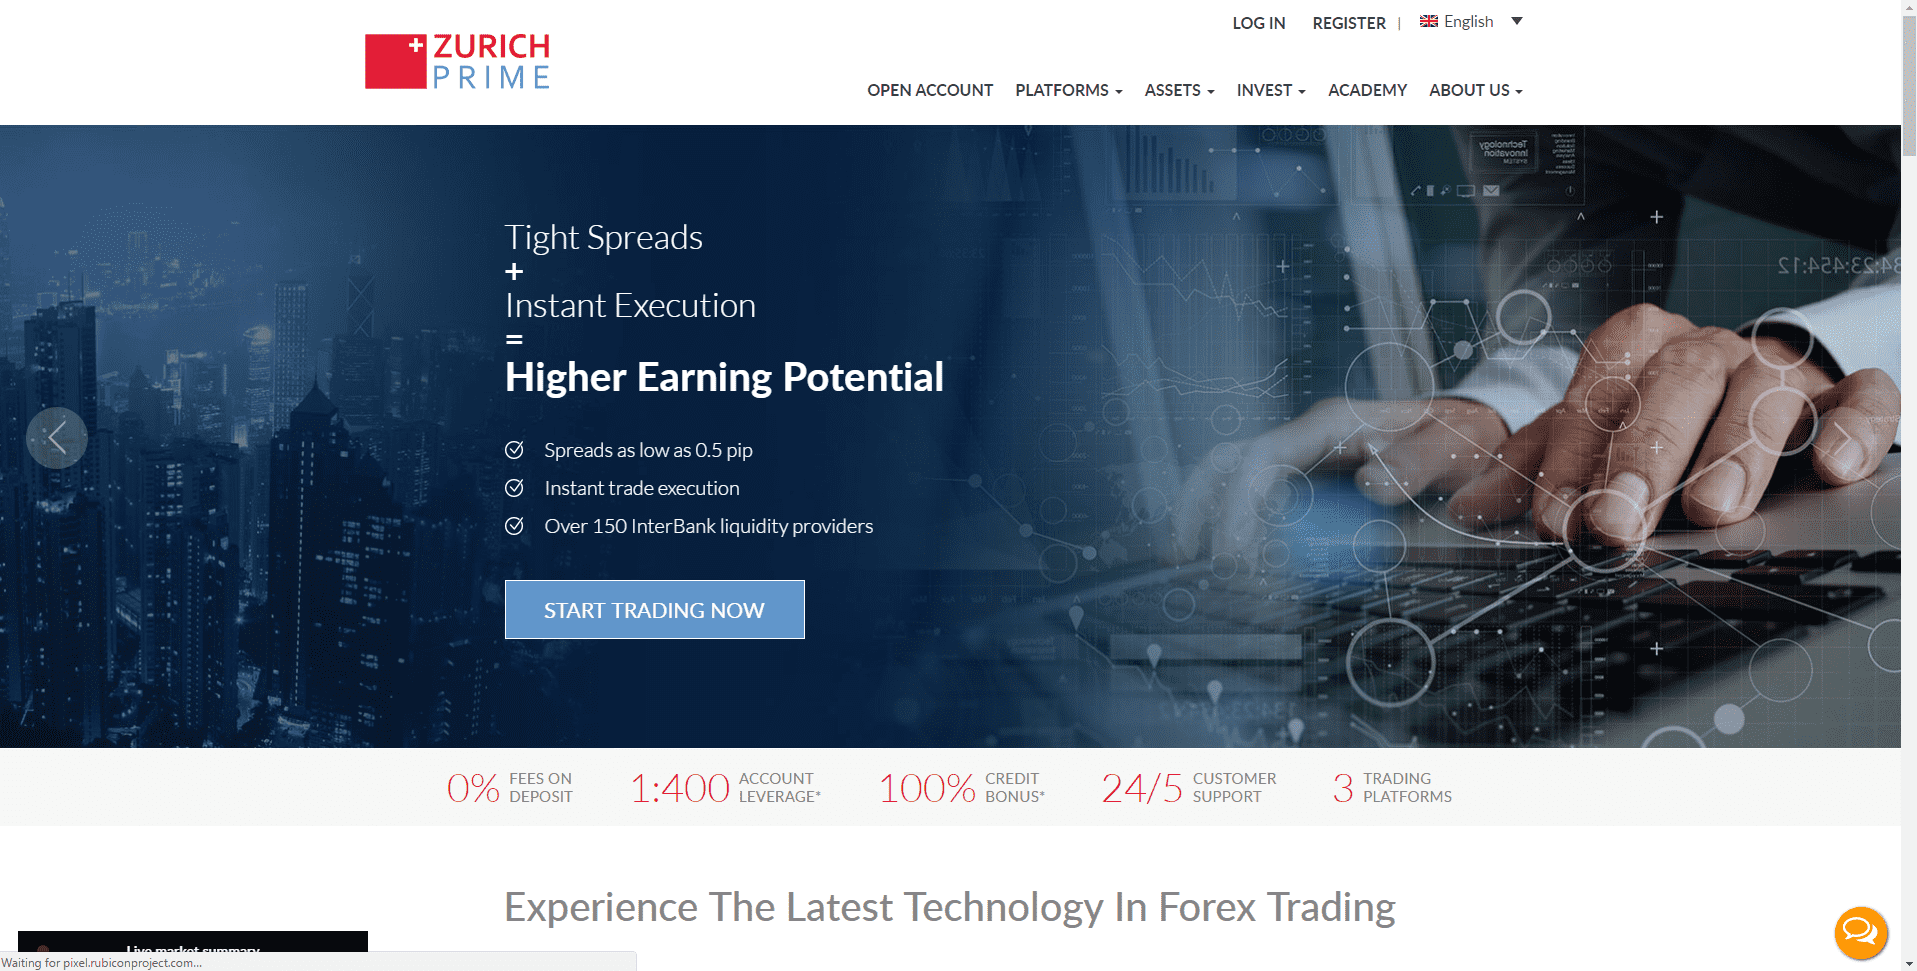 Zurich Prime Broker